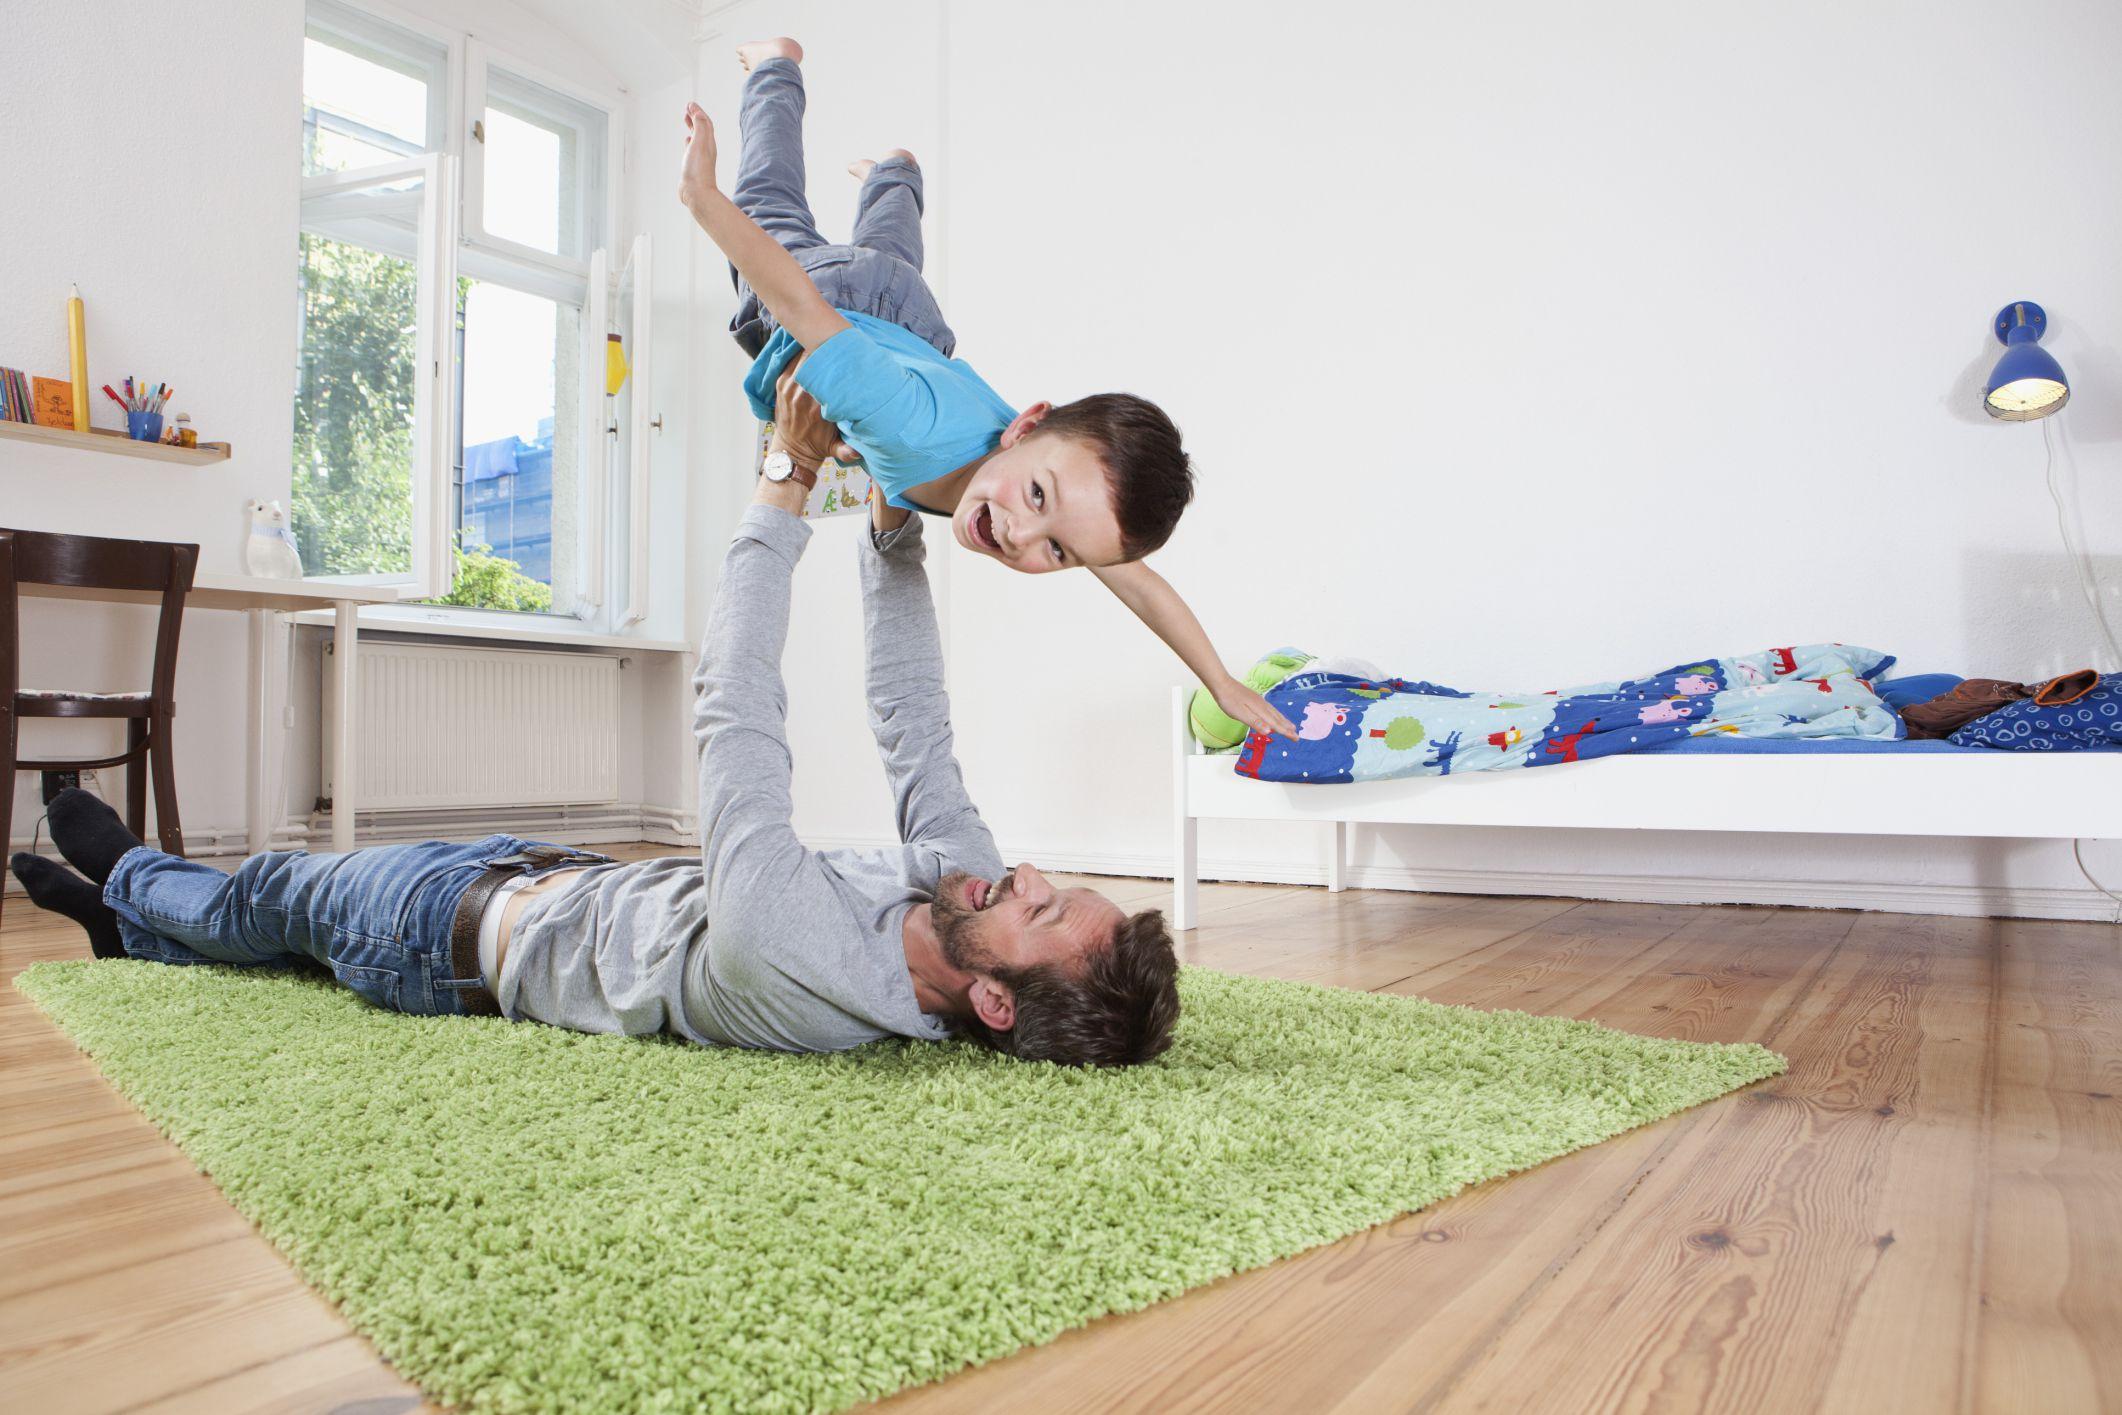 flooring ideas for kids 39 rooms. Black Bedroom Furniture Sets. Home Design Ideas